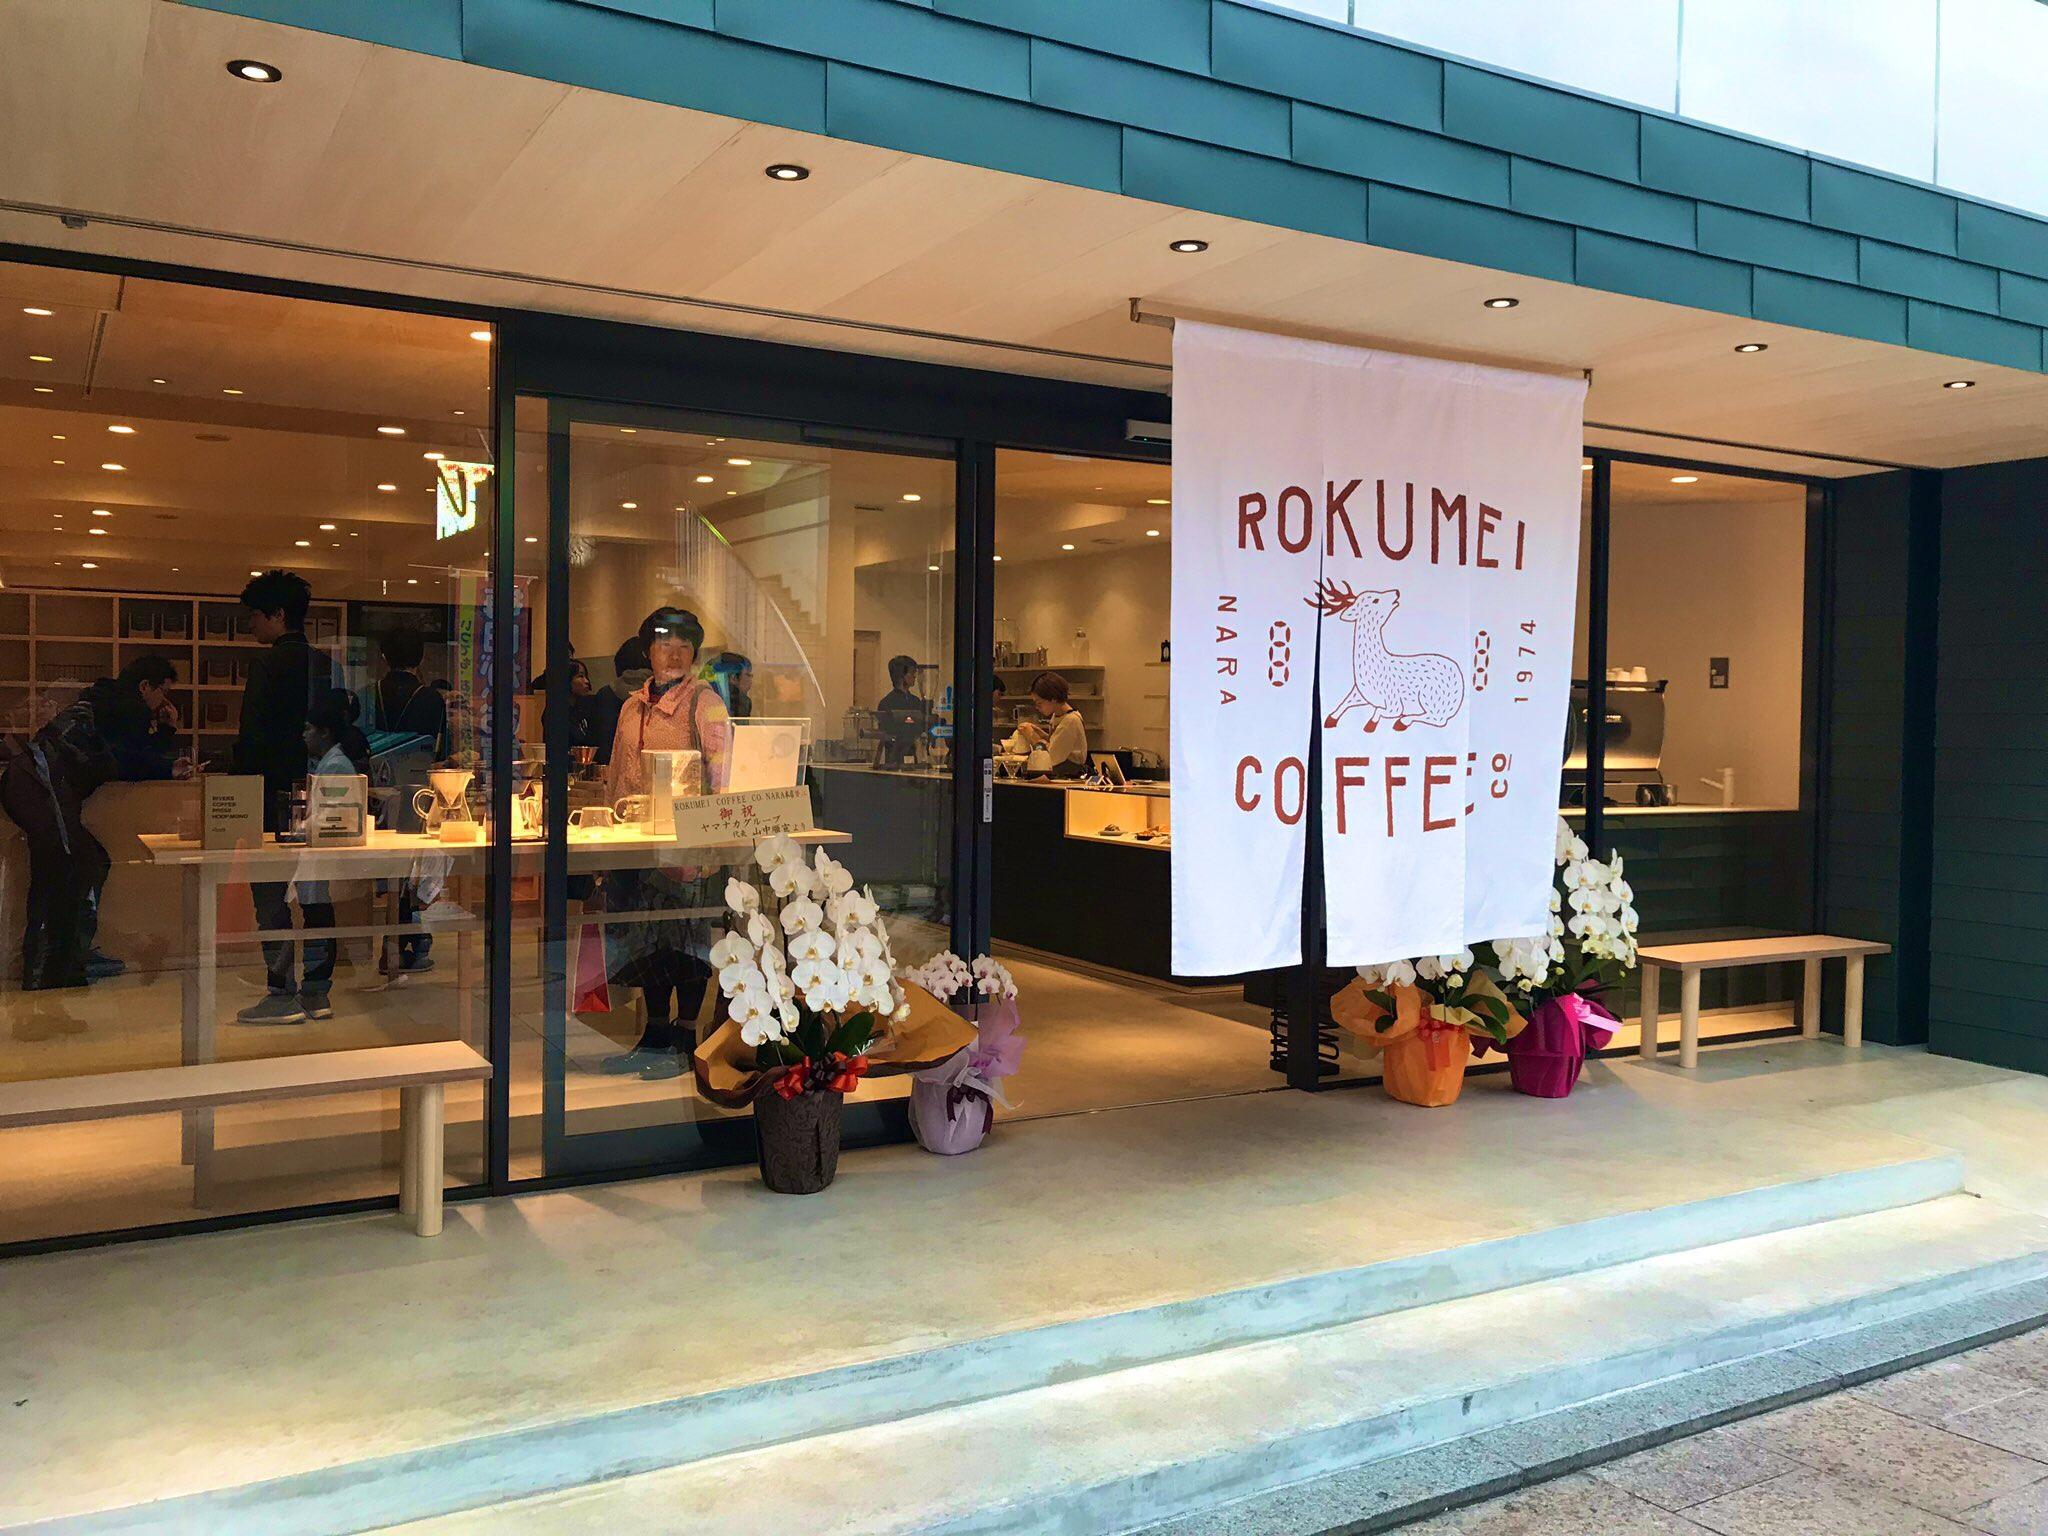 ロクメイコーヒー 奈良店 奈良市 カフェ